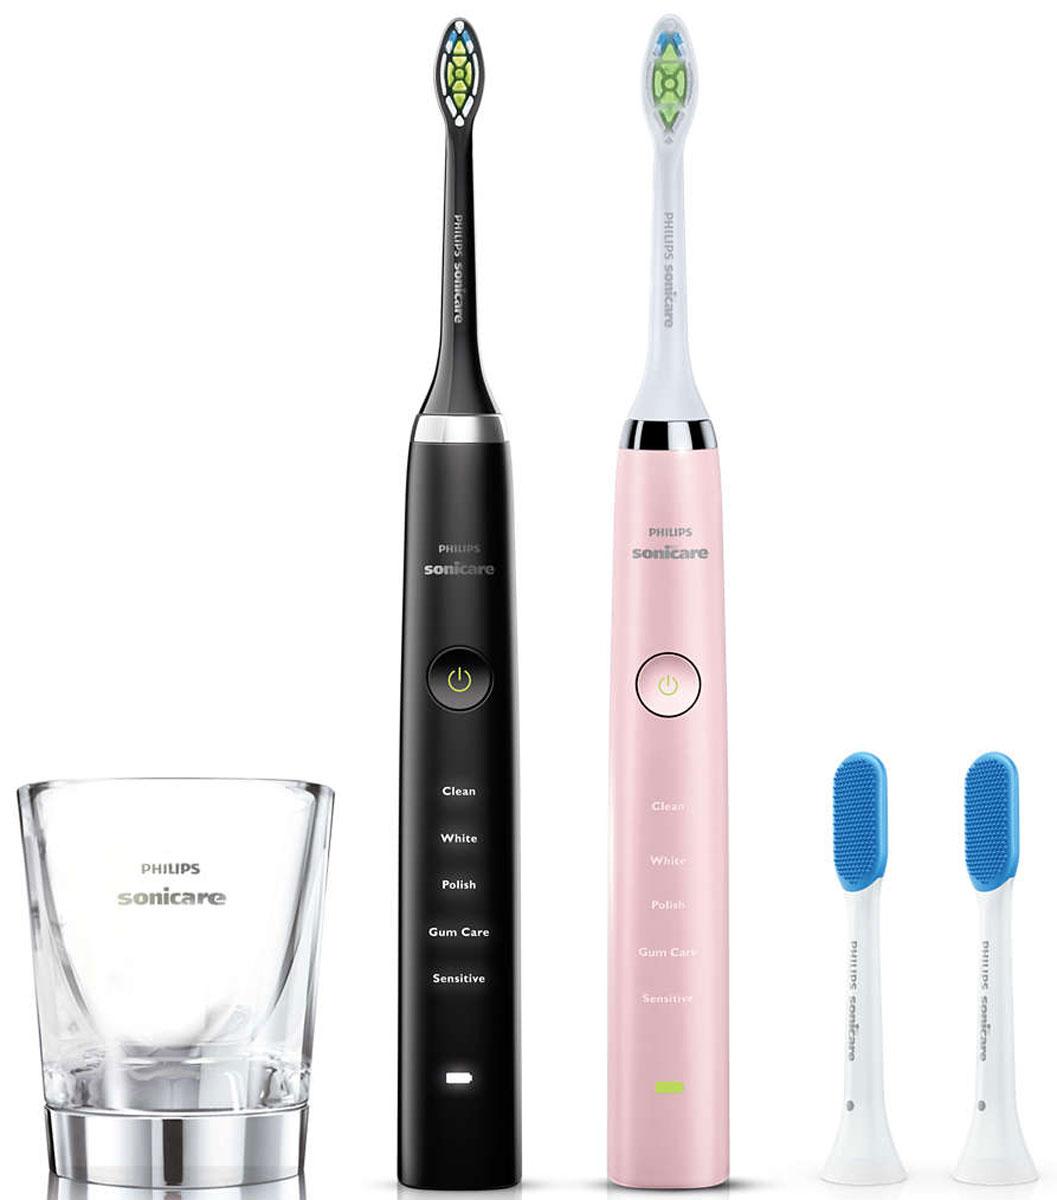 Philips HX9368/35, Black Pink набор электрических зубных щеток, 2 штHX9368/35Подарочный набор из двух электрических зубных щеток Philips Sonicare DiamondClean Для него и для неё. Элегантное сочетание черного и розового цвета в одном наборе. Удаляет в 7 раз больше налета в труднодоступных местах по сравнению с обычной ручной зубной щеткой Электрическая зубная щетка Philips Sonicare эффективно удаляет налет из межзубных промежутков и вдоль линии десен, благодаря этому улучшая здоровье десен всего после двух недель регулярного применения. Philips Sonicare возвращает зубам естественную белизну в 2 раза эффективнее по сравнению с обычной зубной щеткой. Превосходный результат уже после 1 недели использования. Удаляет на 100 % больше потемнений с зубной эмали и осветляет ваши зубы всего за одну неделю. DiamondClean — это лучшая чистящая насадка Philips Sonicare для отбеливания зубов. Кончики щетинок средней жесткости имеют форму ромба и бережно и эффективно удаляют налет. Электрическая зубная щетка Philips ...